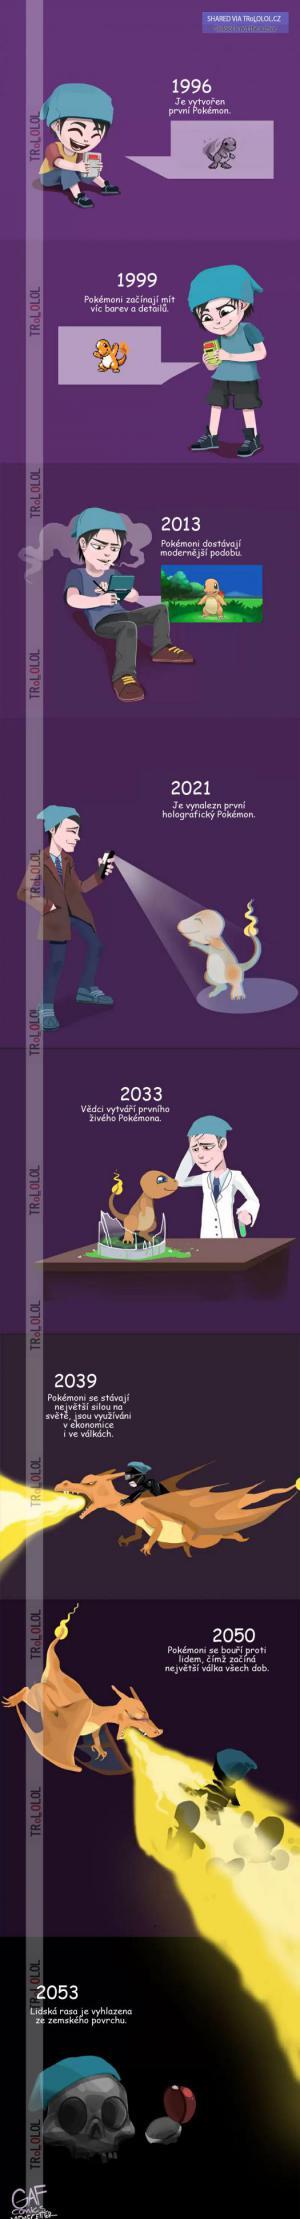 Evoluce Pokémonů